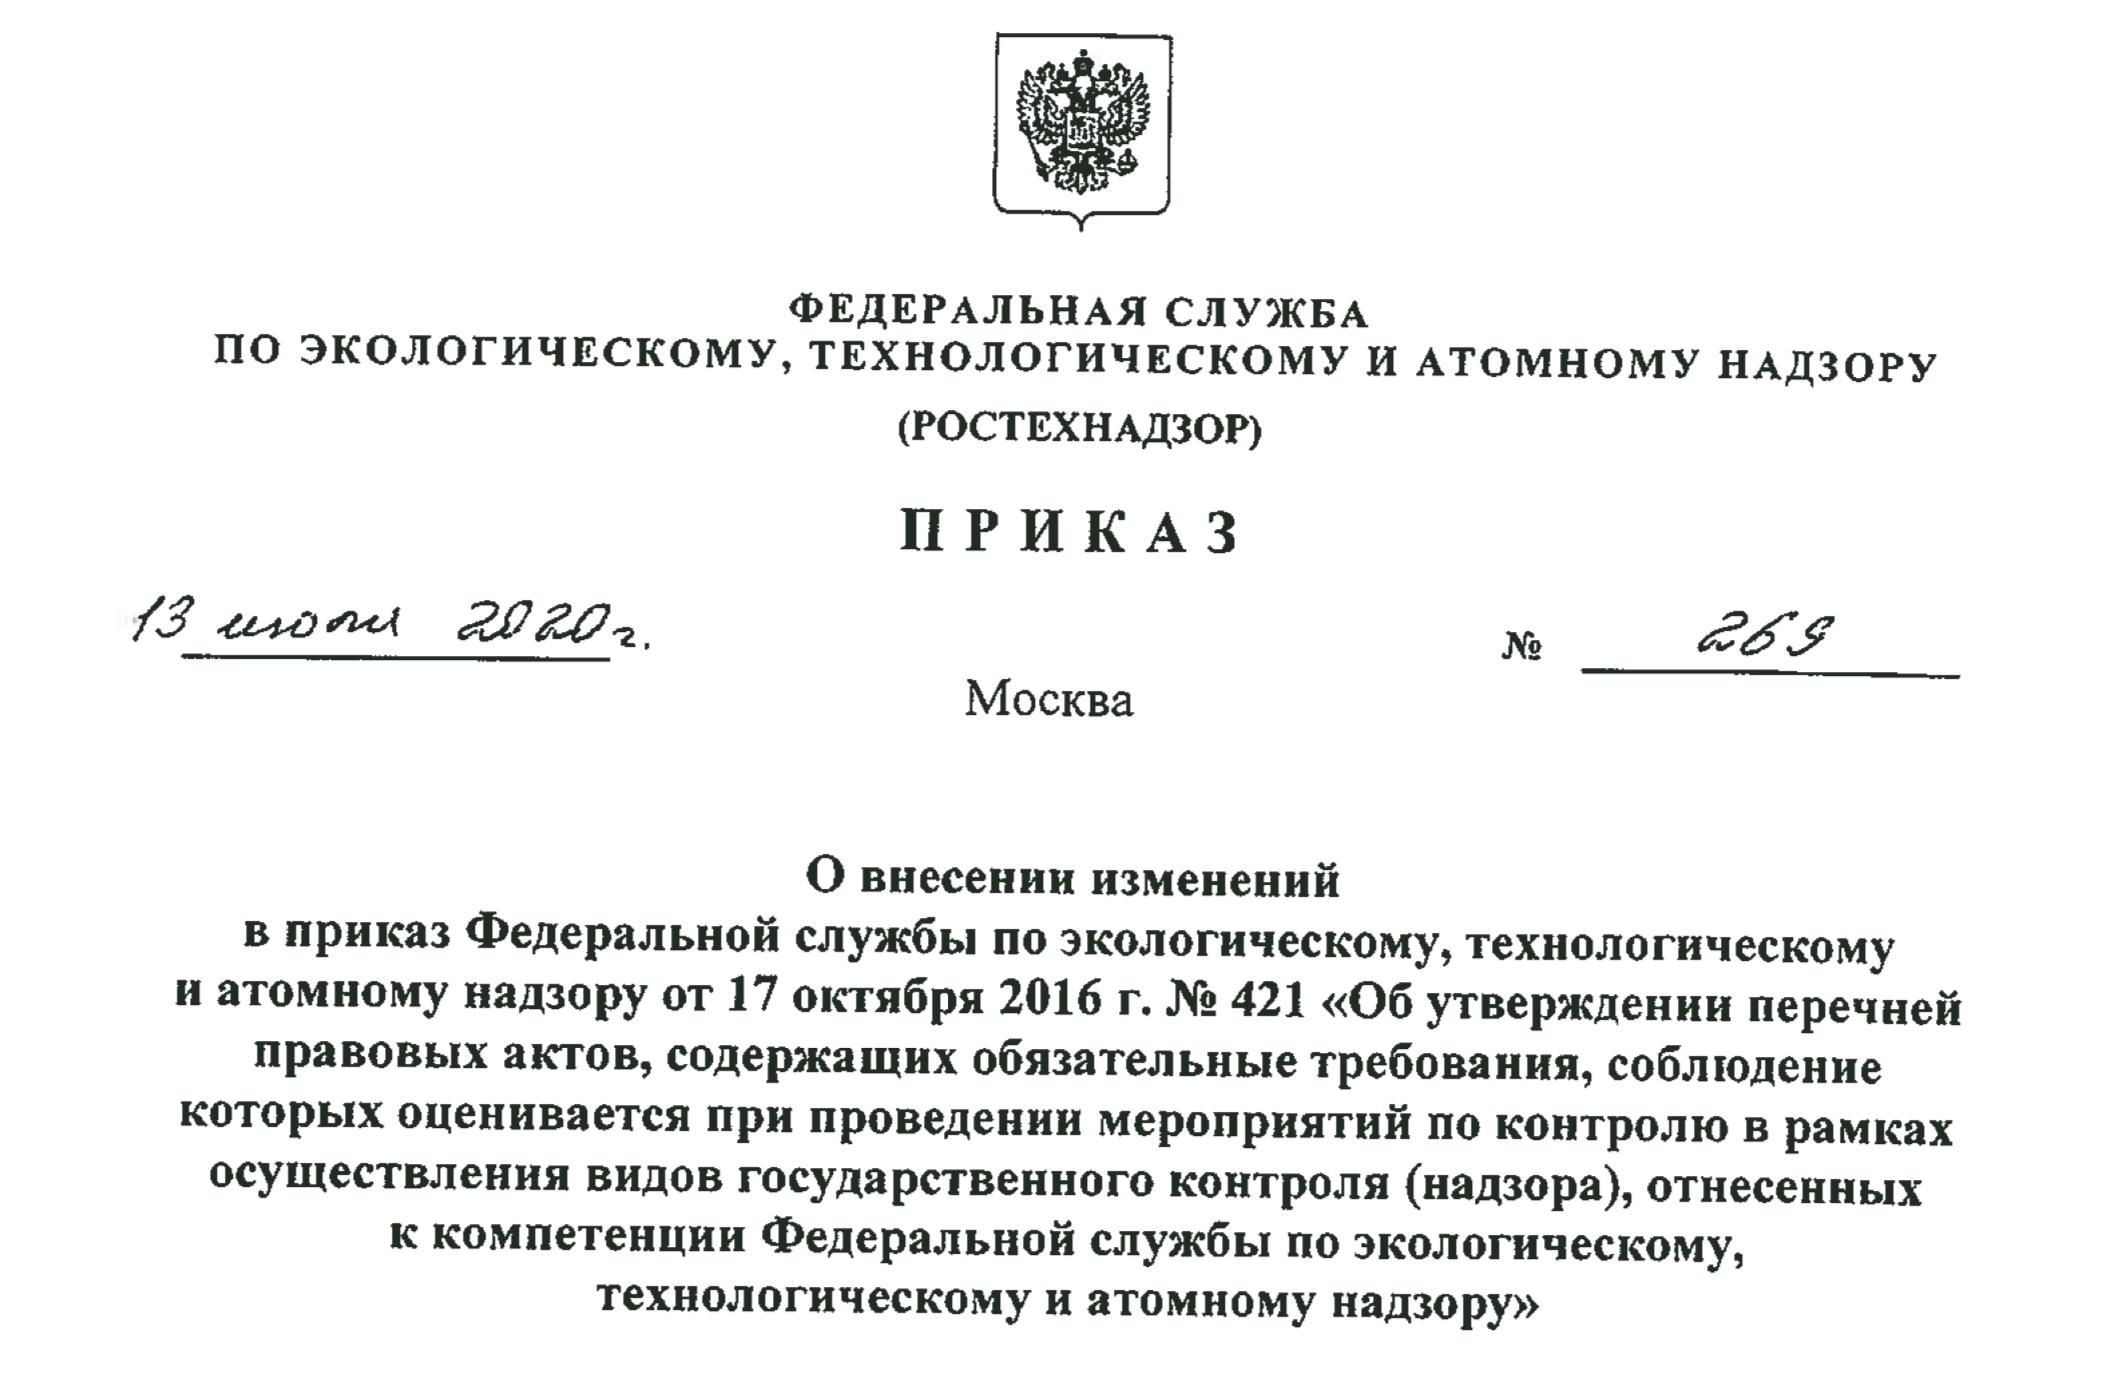 Ростехнадзор внес изменения в перечни правовых актов, содержащих обязательные требования, в области использования атомной энергии